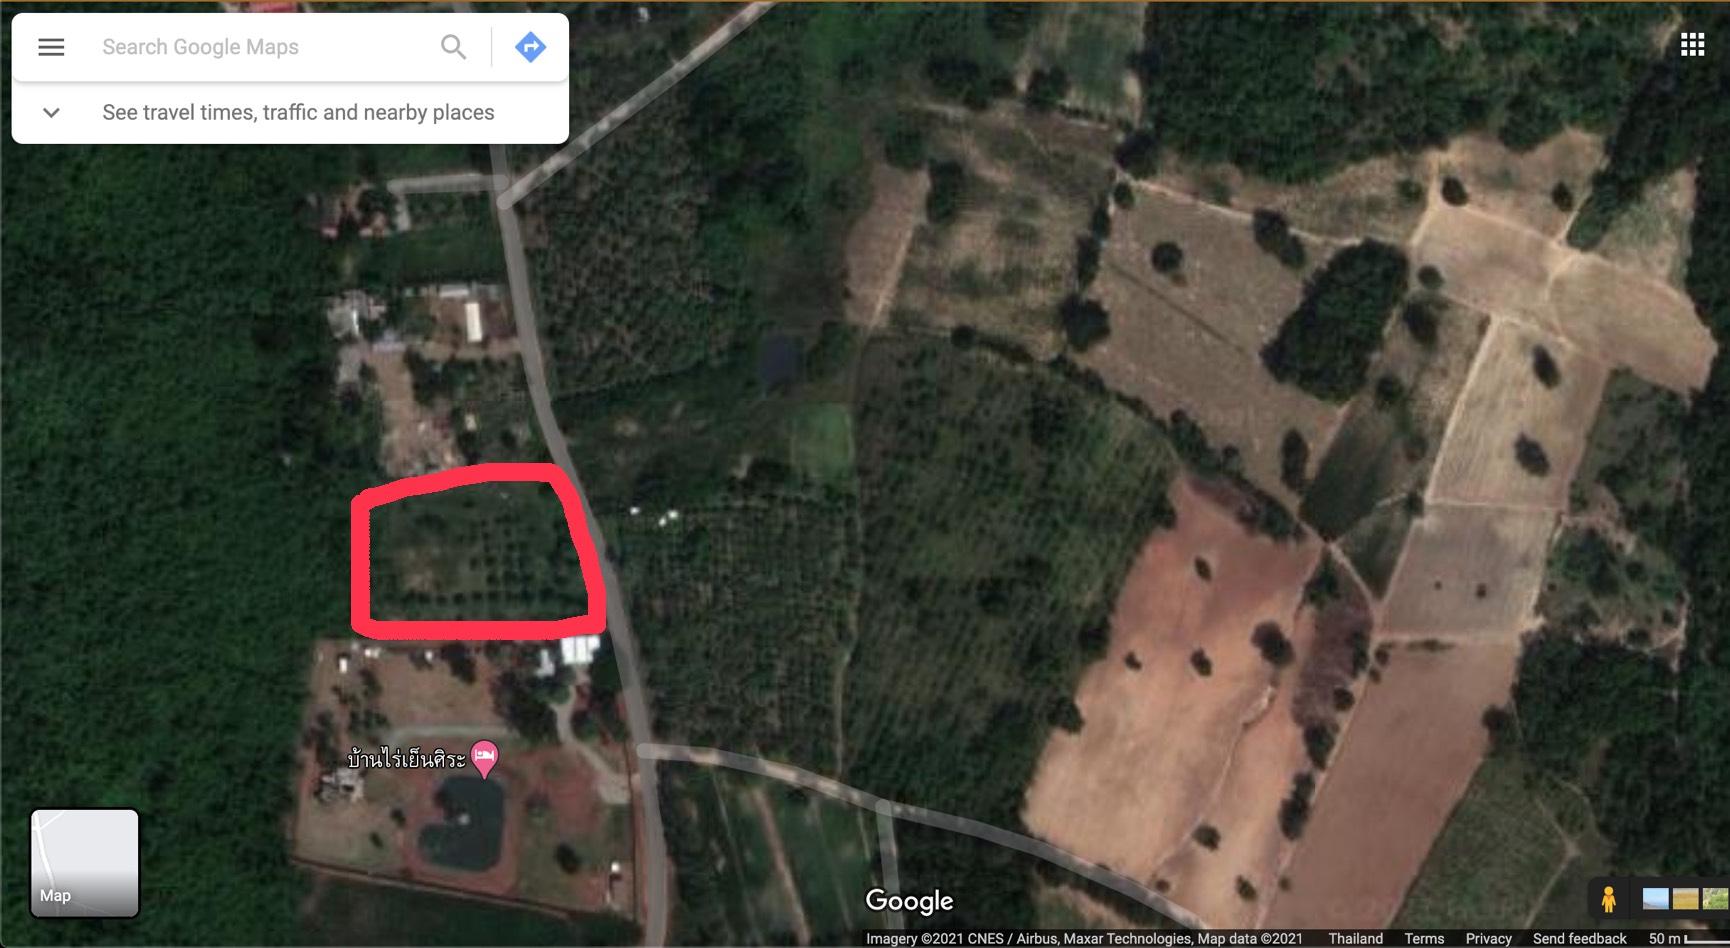 ขายที่ดิน 4 ไร่ 2 งาน ใกล้ถนน 332 อ.สัตหีบ จ.ชลบุรี